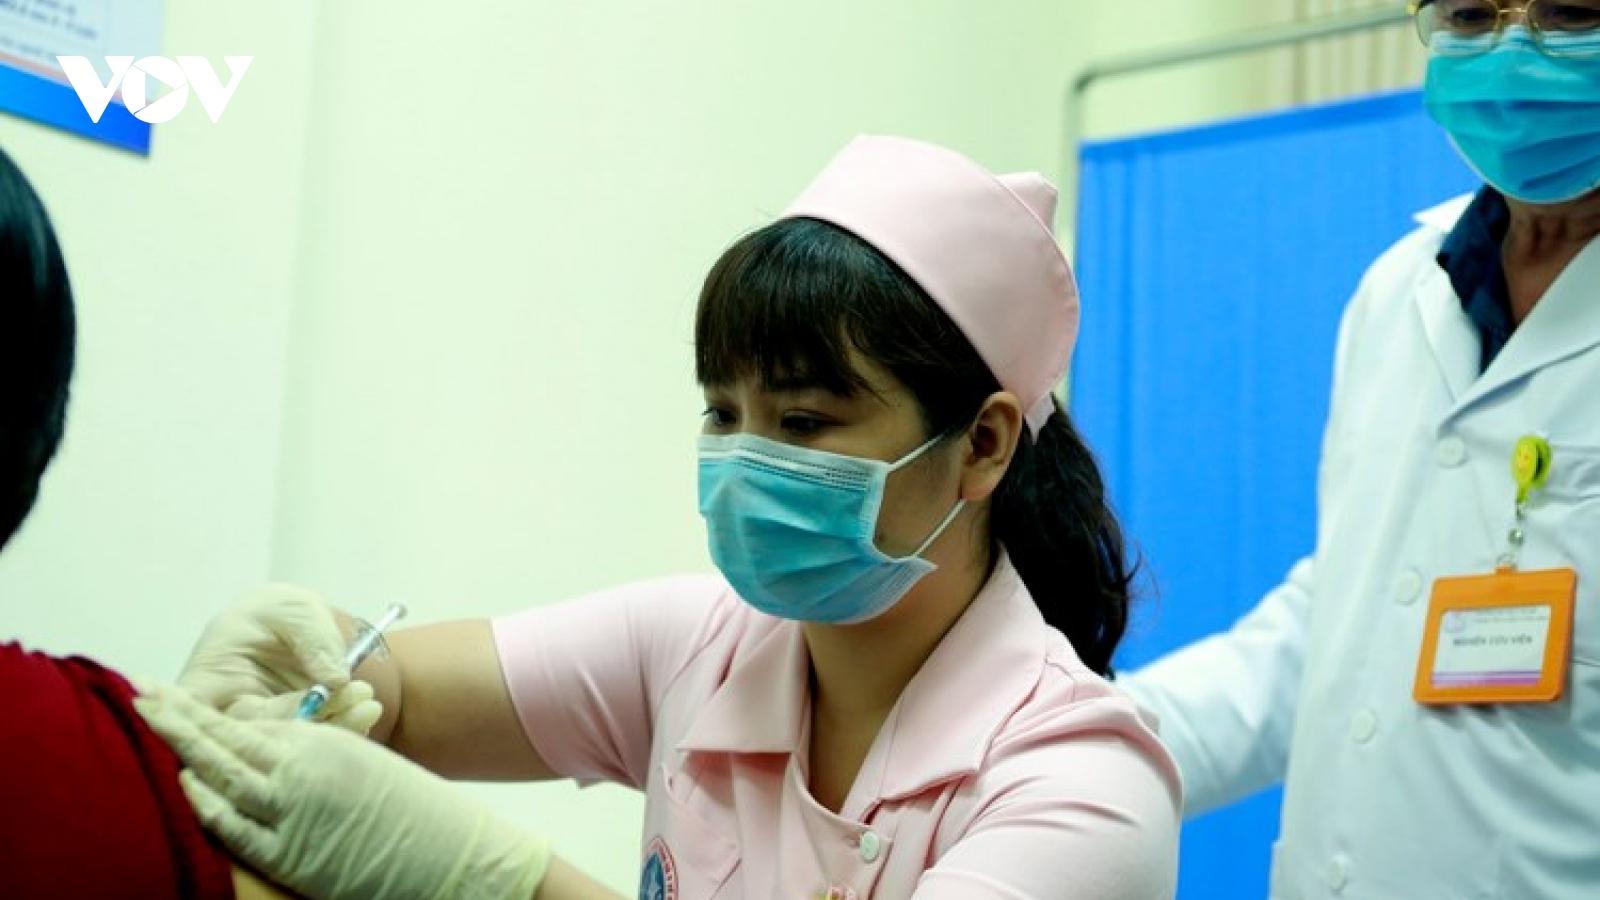 Sáng nay, 6 tình nguyện viên chính thức tiêm thử nghiệm vaccine COVIVAC